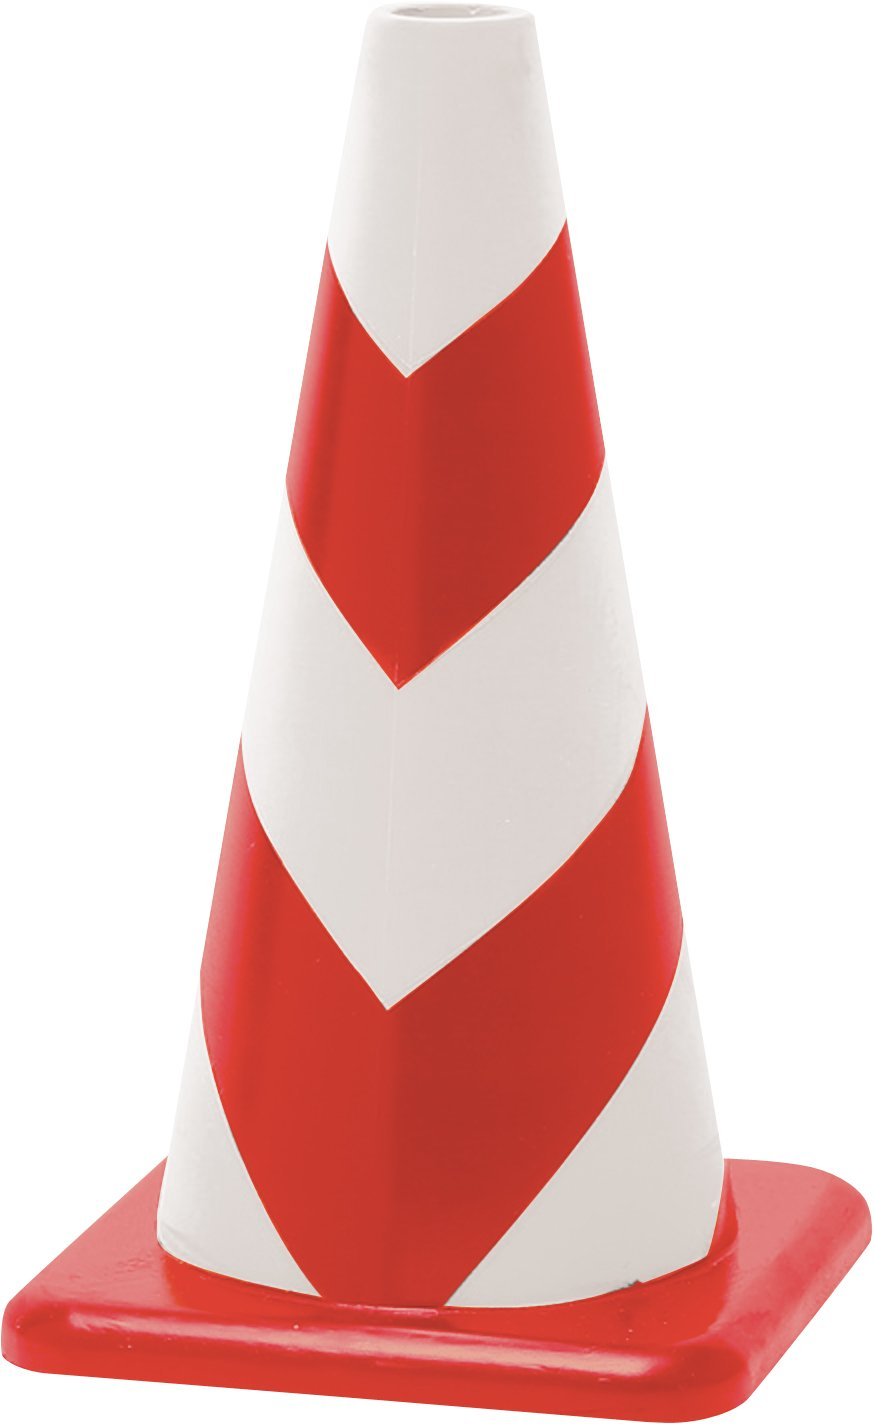 ラバーコーン 赤白 無反射タイプ 450mm 2.3kg 重くて丈夫な ゴム製 カラーコーン® 5本セット B072BMBFJ7